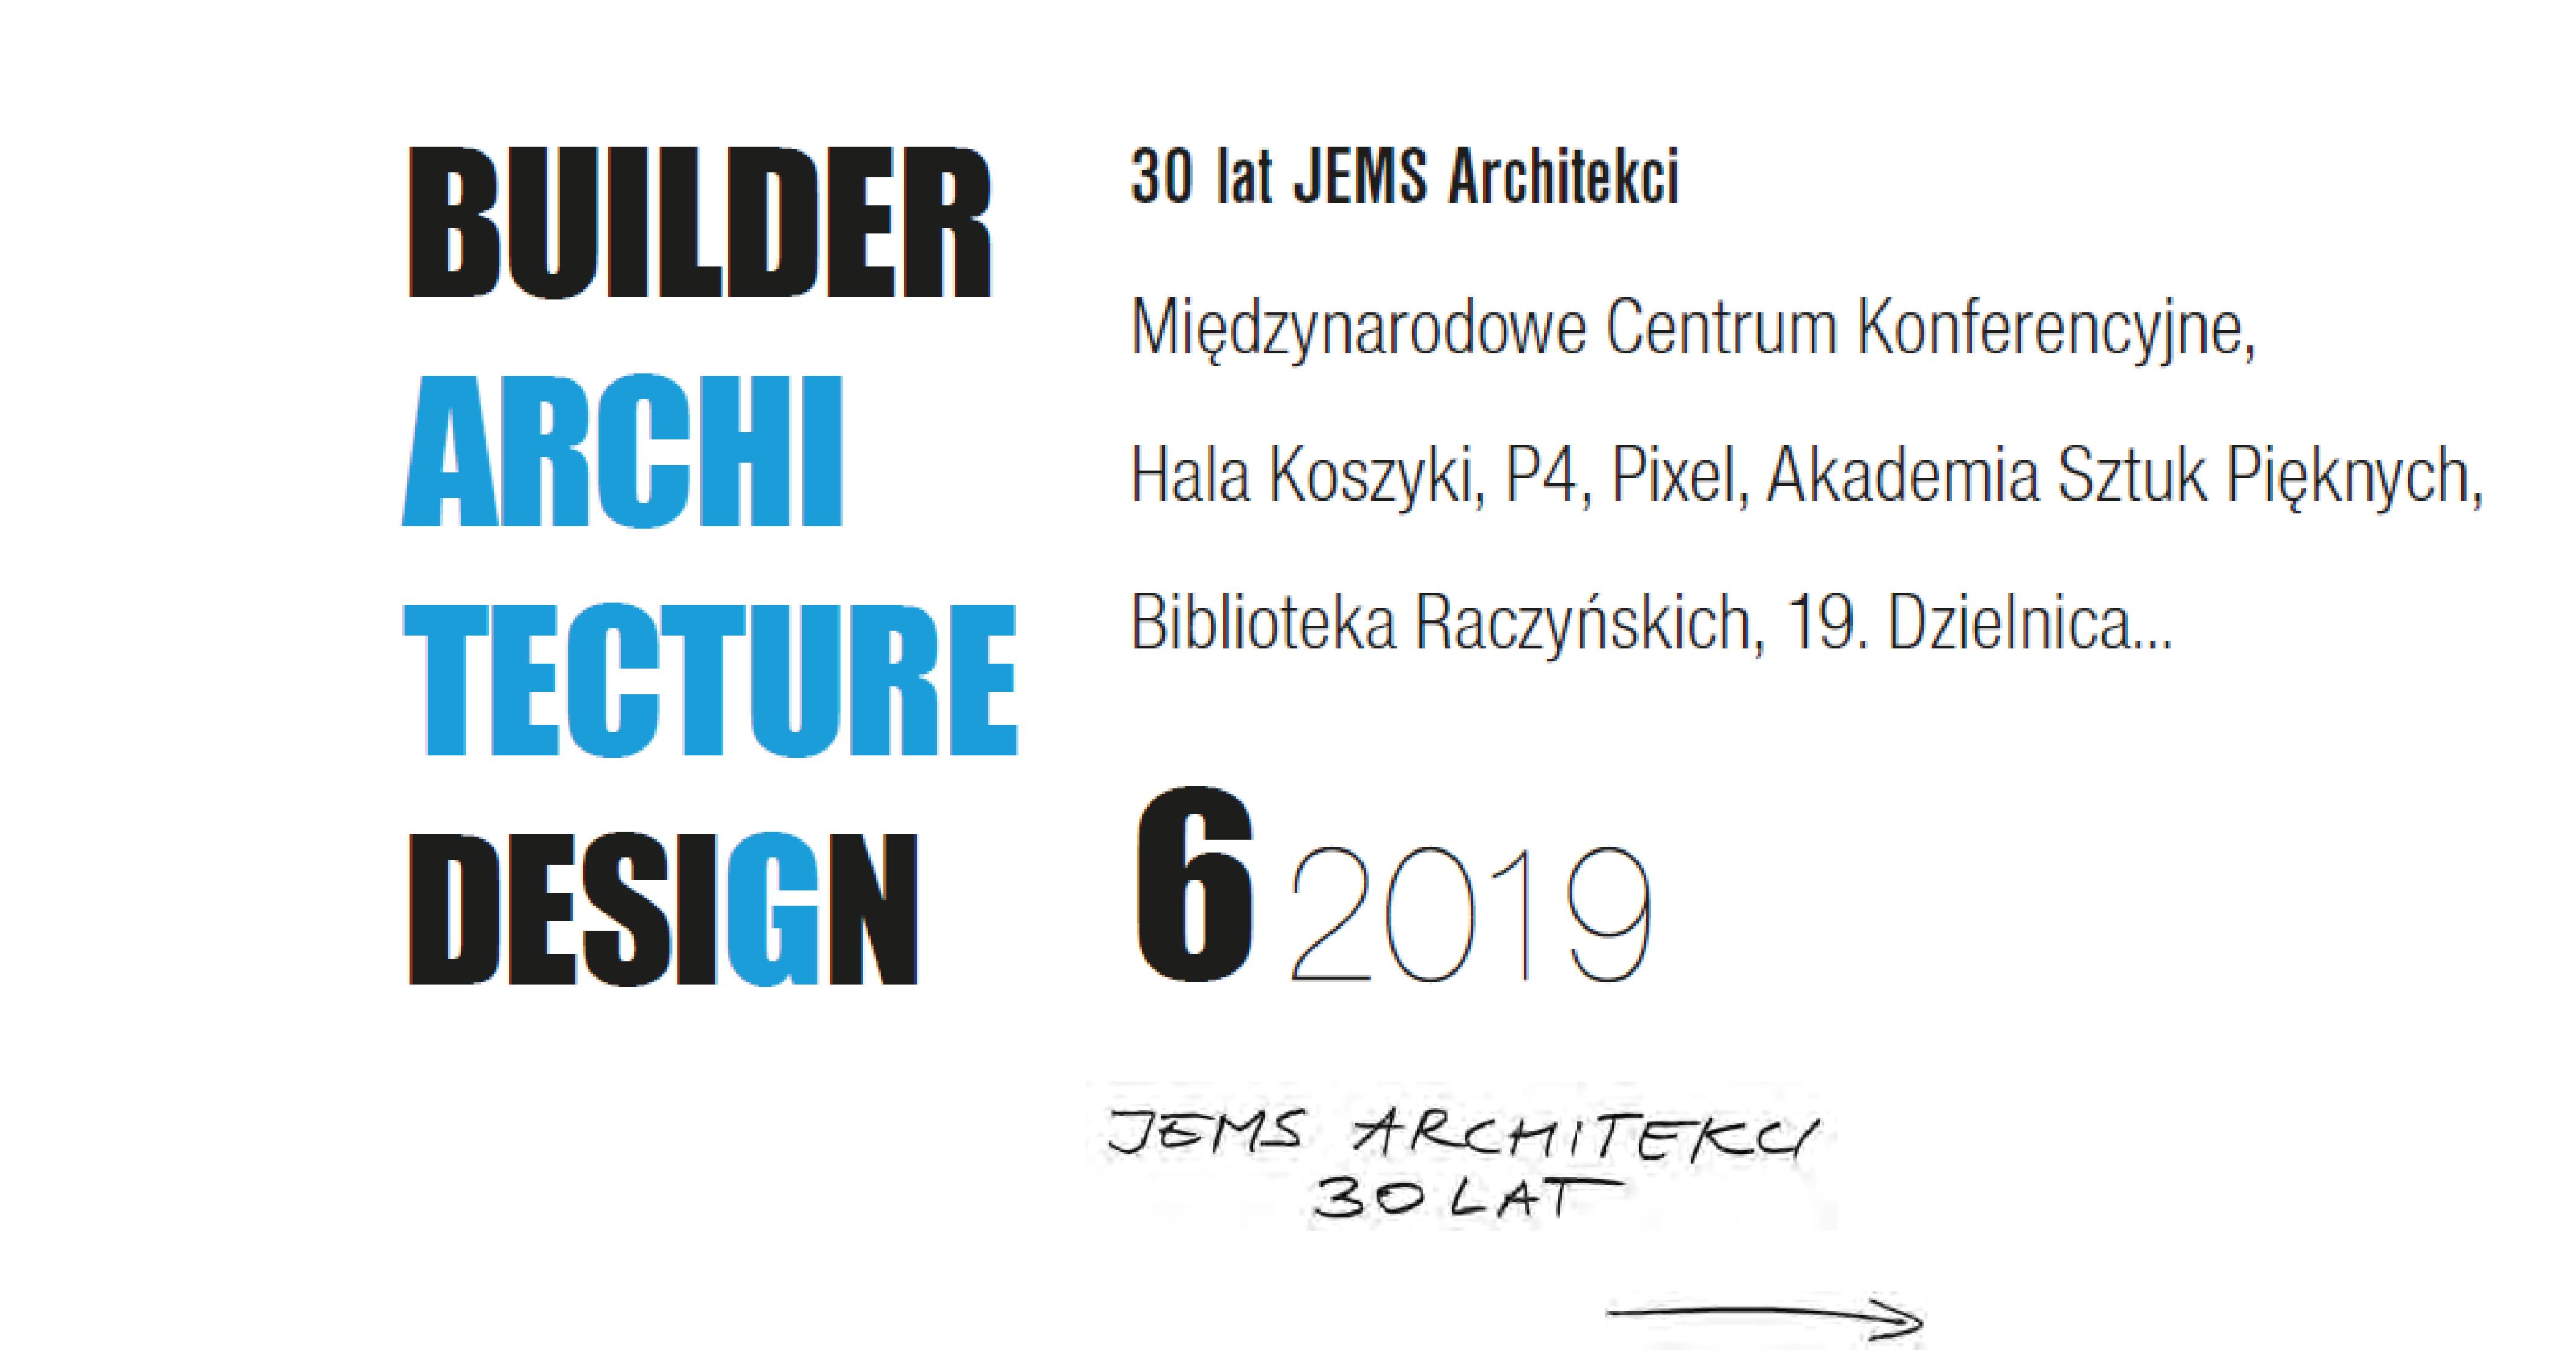 JEMS Architekci